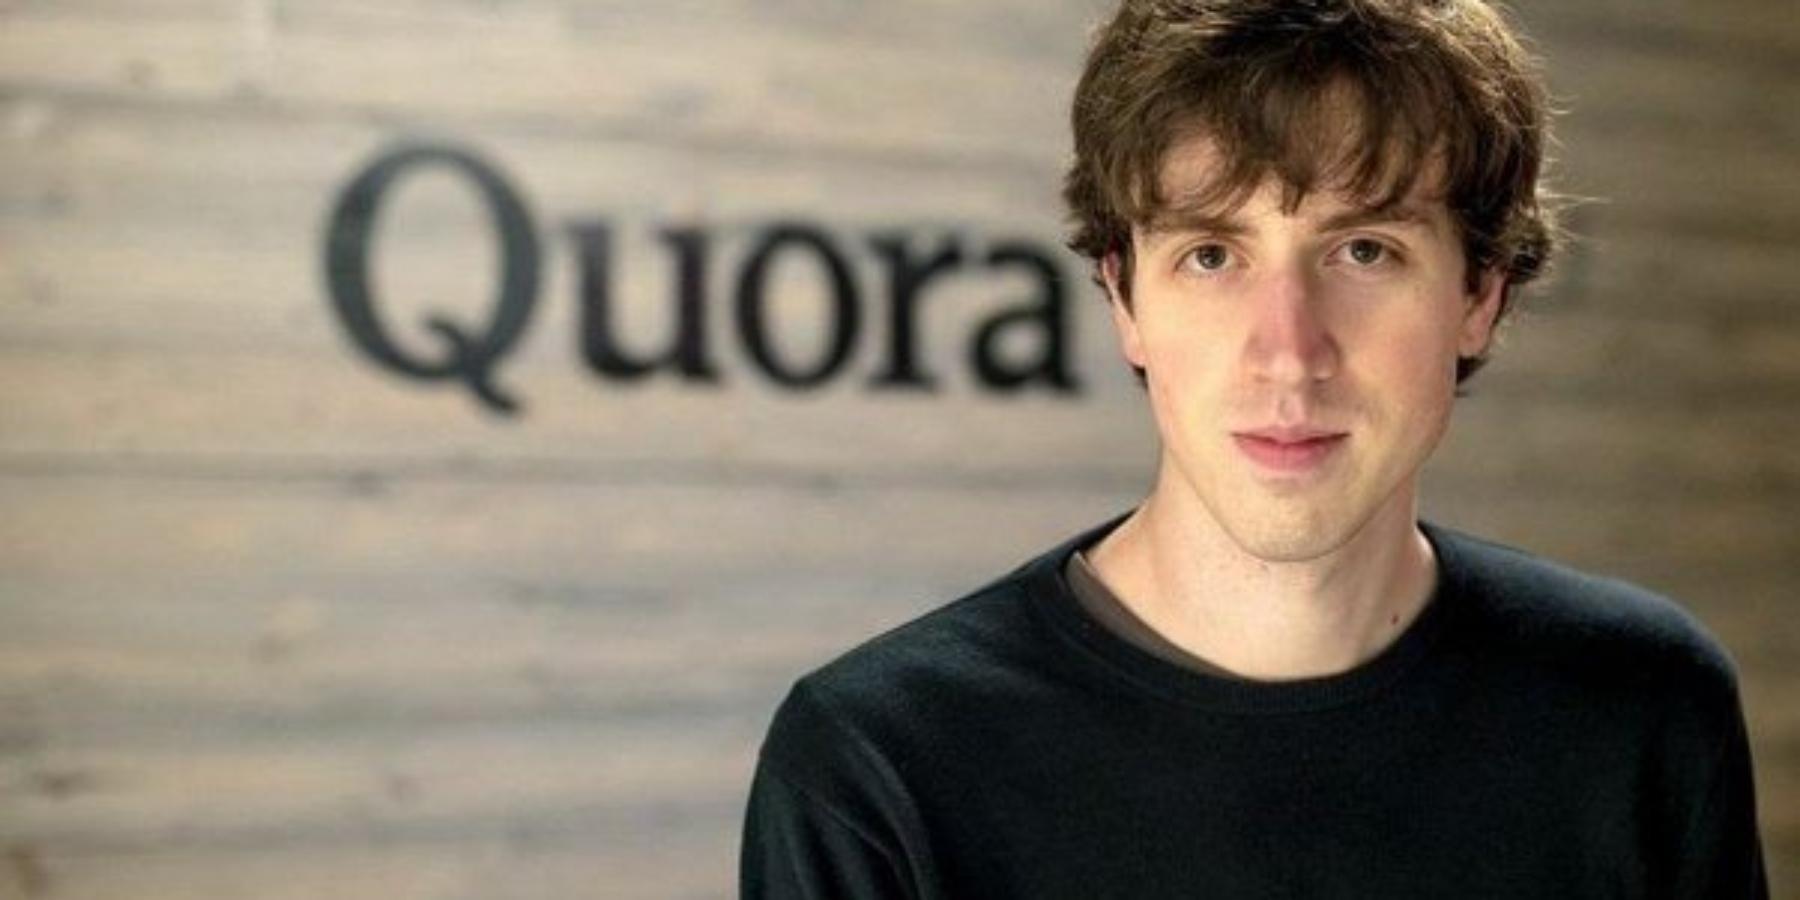 Wjaki sposób serwis Quora osiągnął sukces?